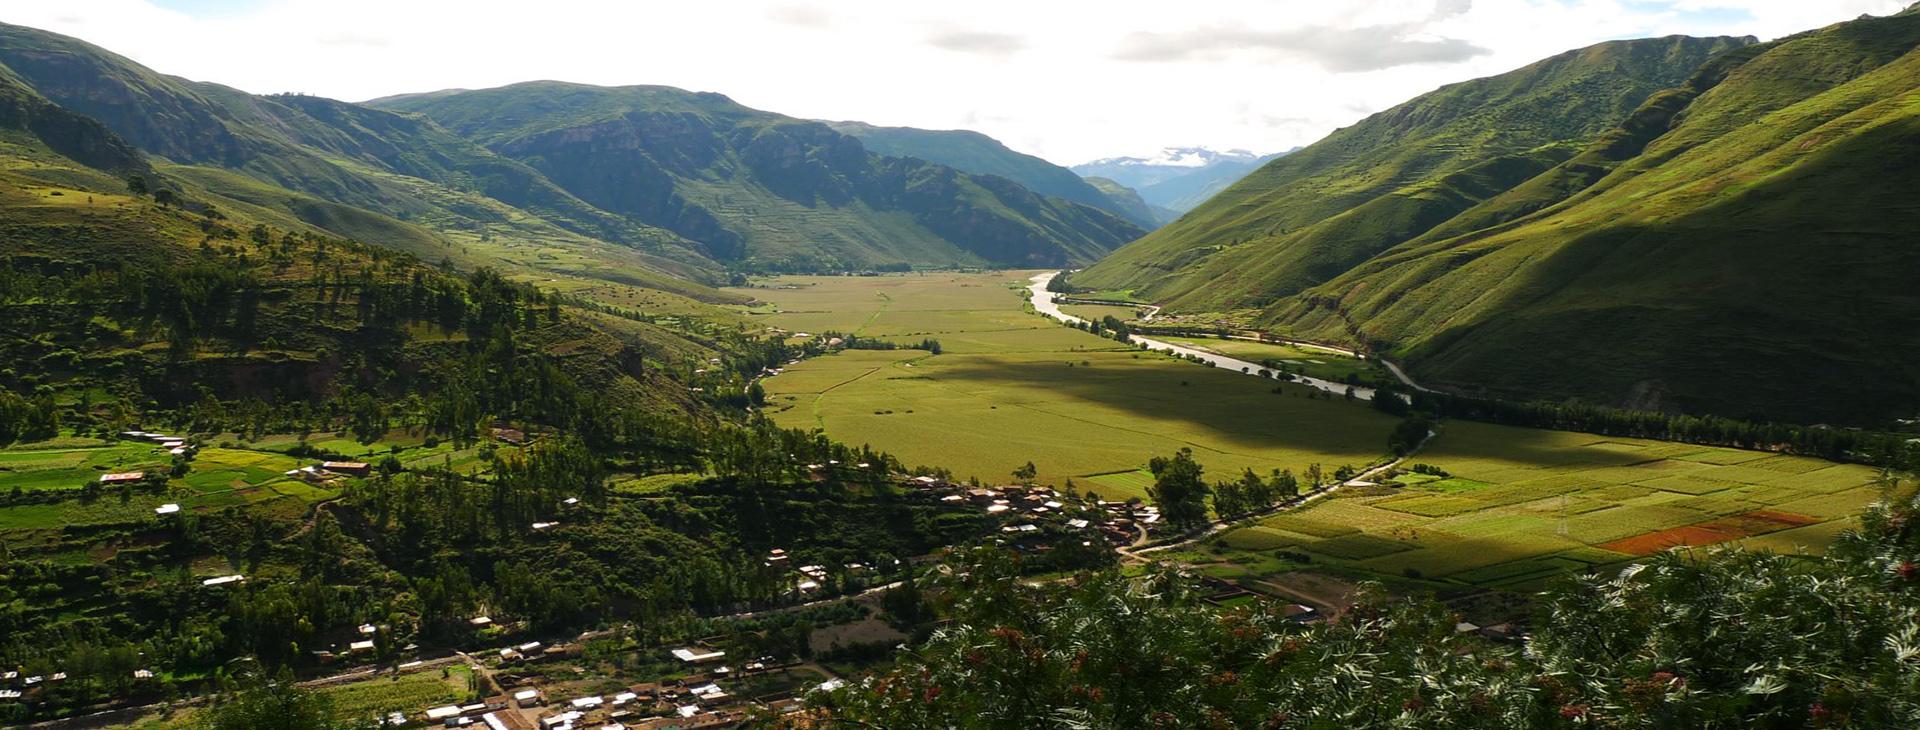 Tour Valle Sagrado y Machu Picchu 2 dias - TOURS PERU MACHU PICCHU